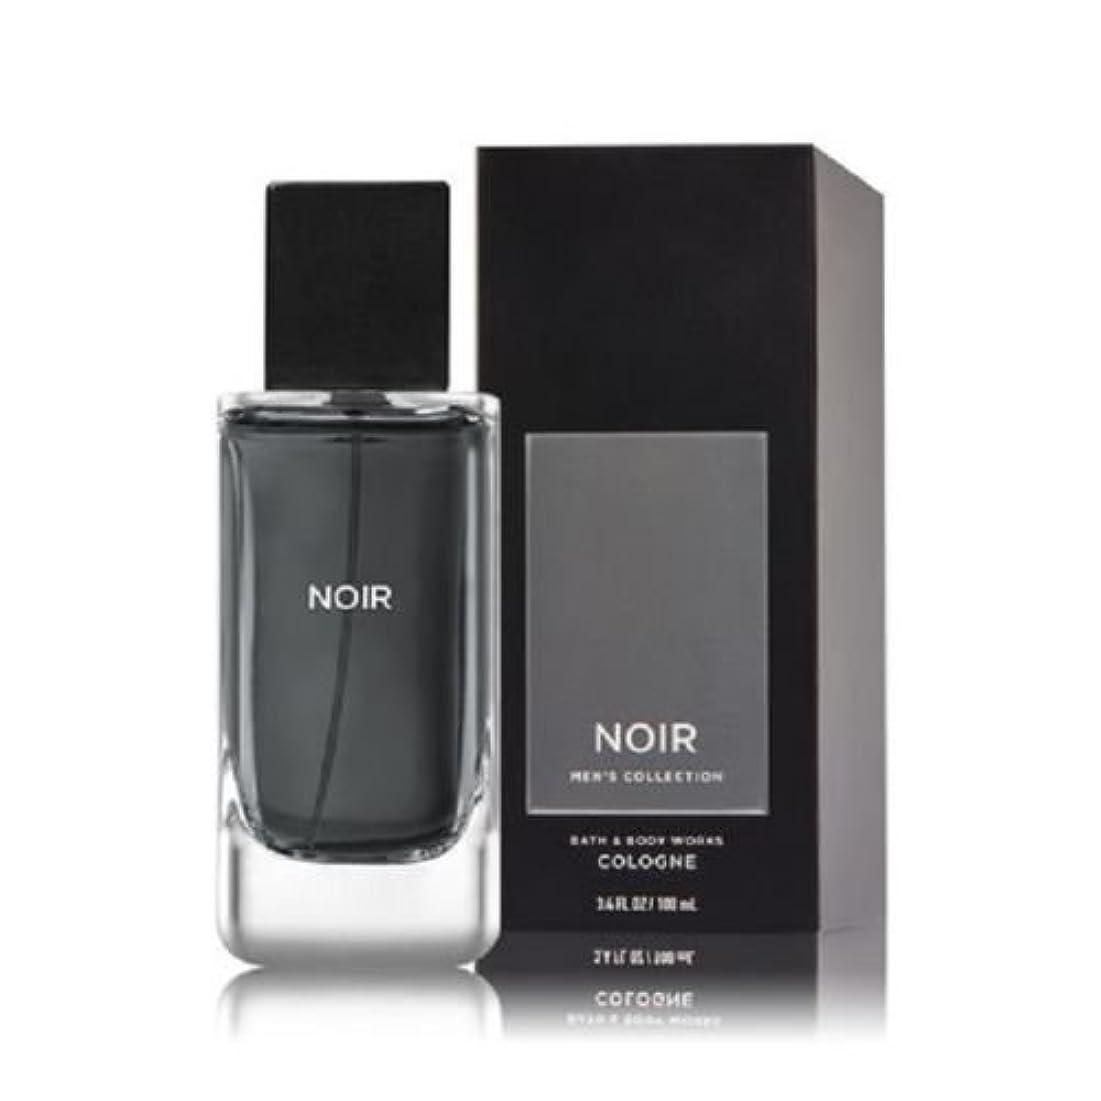 リーク寛大さイベント【並行輸入品】Bath and Body Works Noir Men's Collection Cologne 100 mL